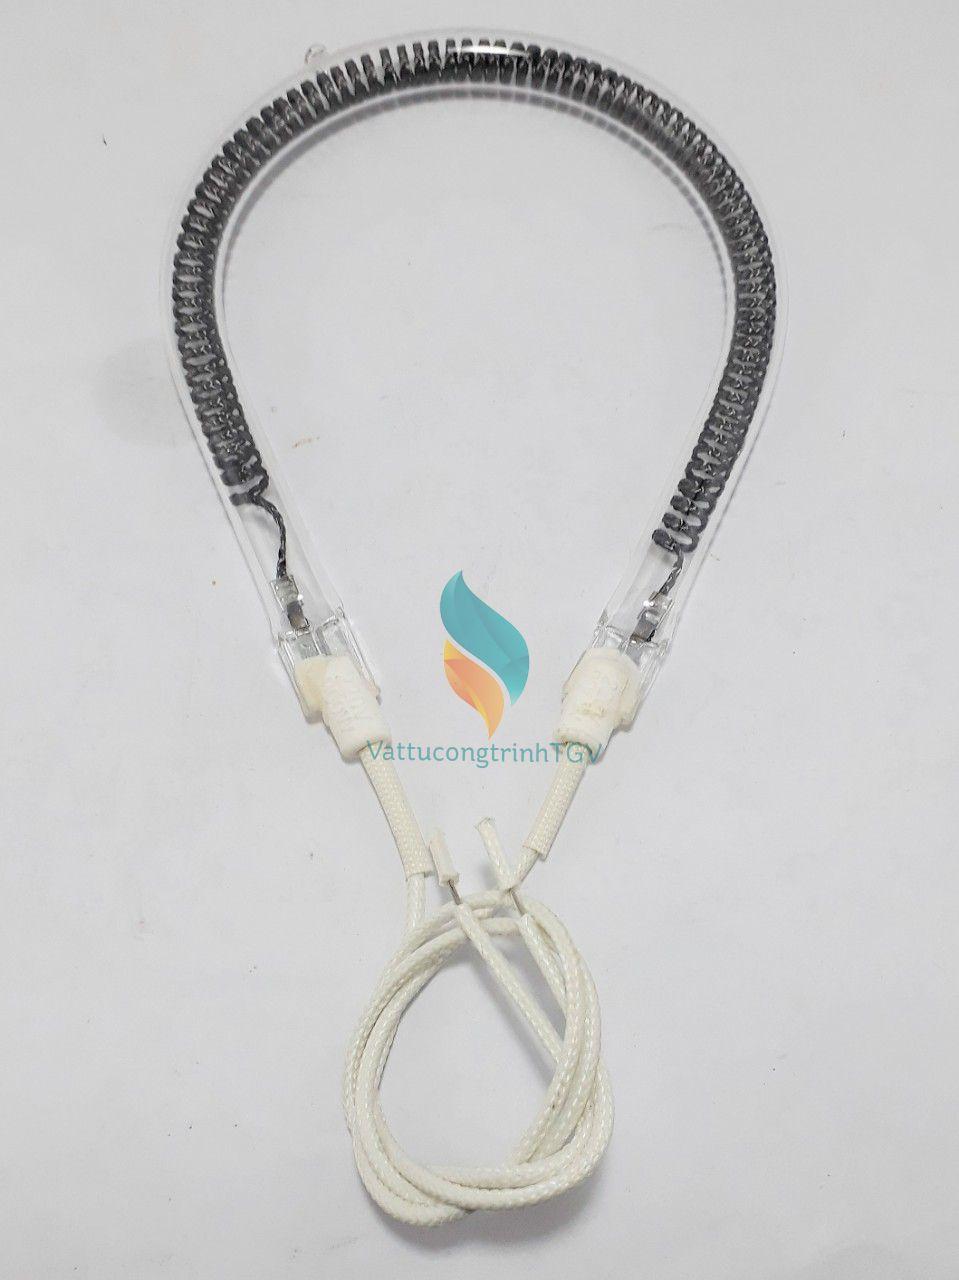 Bóng Halogen cho lò nướng sợi đốt đen MS33-220V-900W